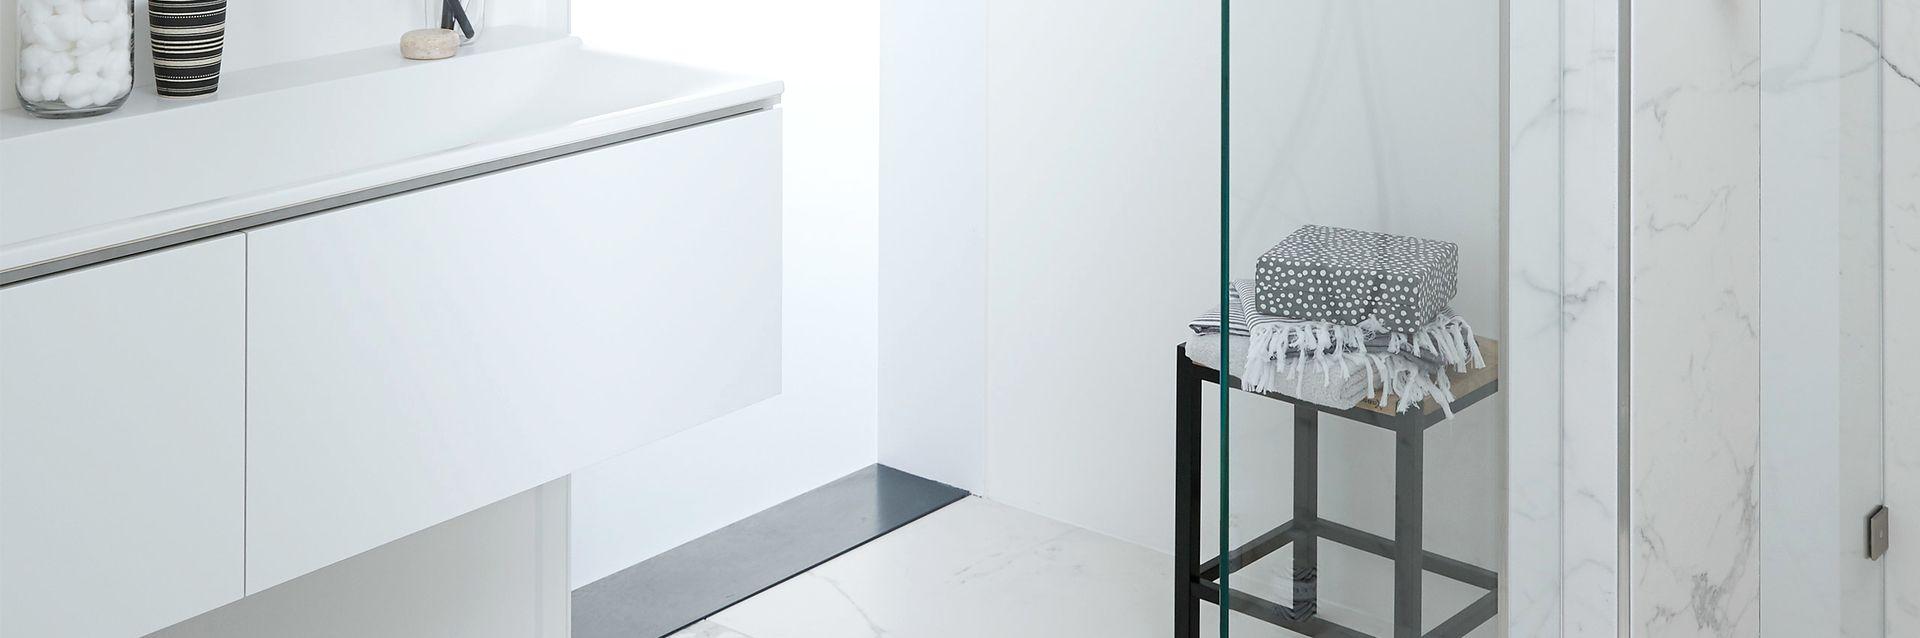 Marmeren badkamer - Marmeren badkamer